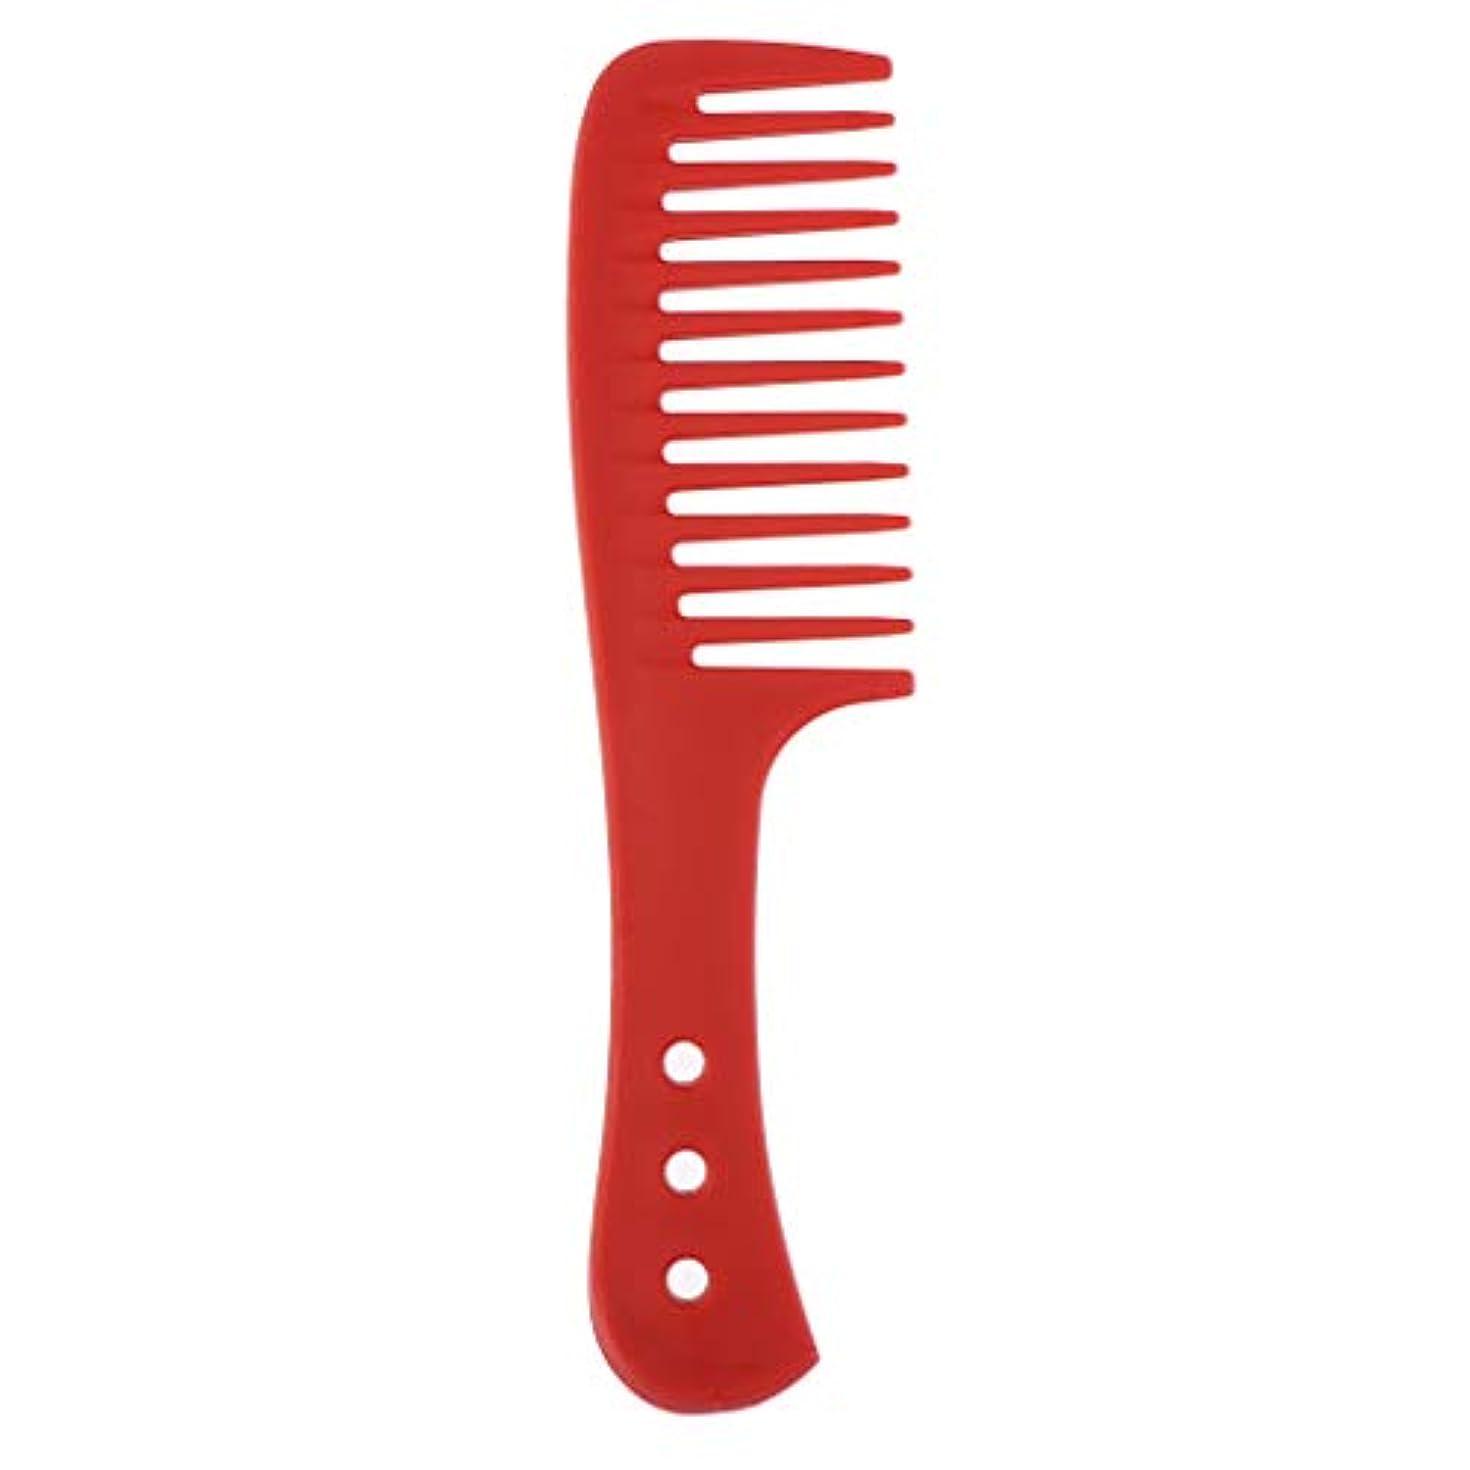 つま先助言する政権ヘアコーム 櫛 ヘアブラシ ヘアケア 美髪ケア 帯電防止 4色選べ - 赤